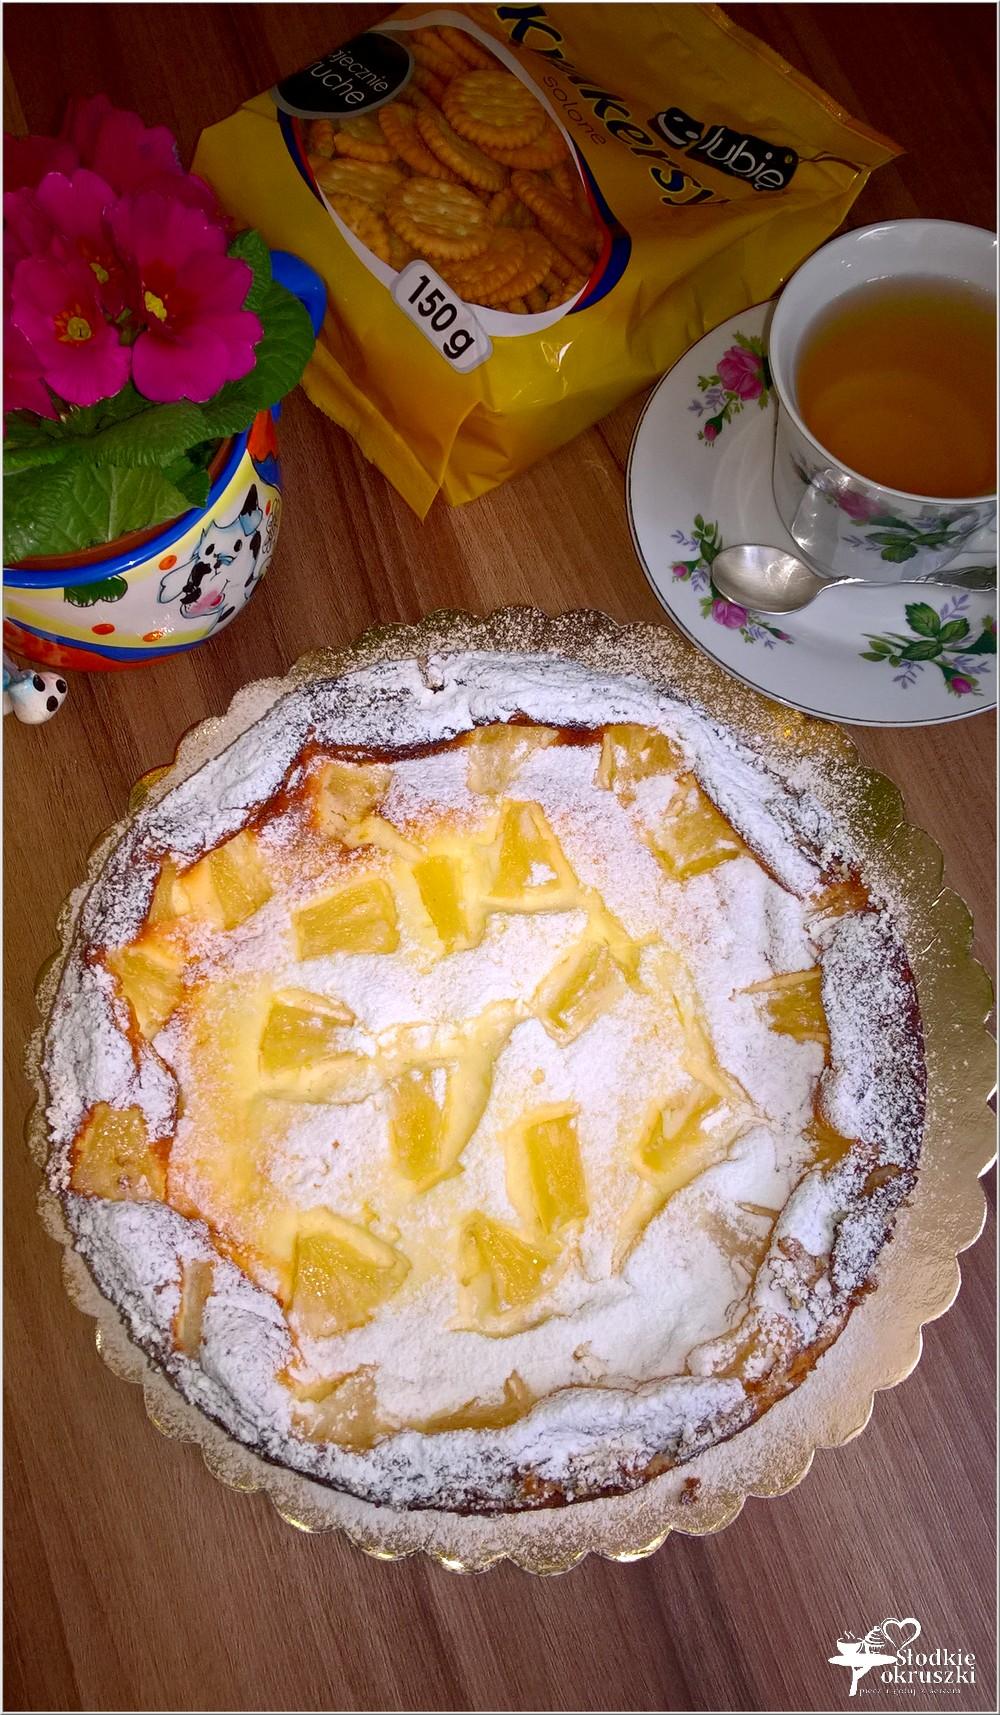 Sernik z ananasem na słonawym spodzie (6)